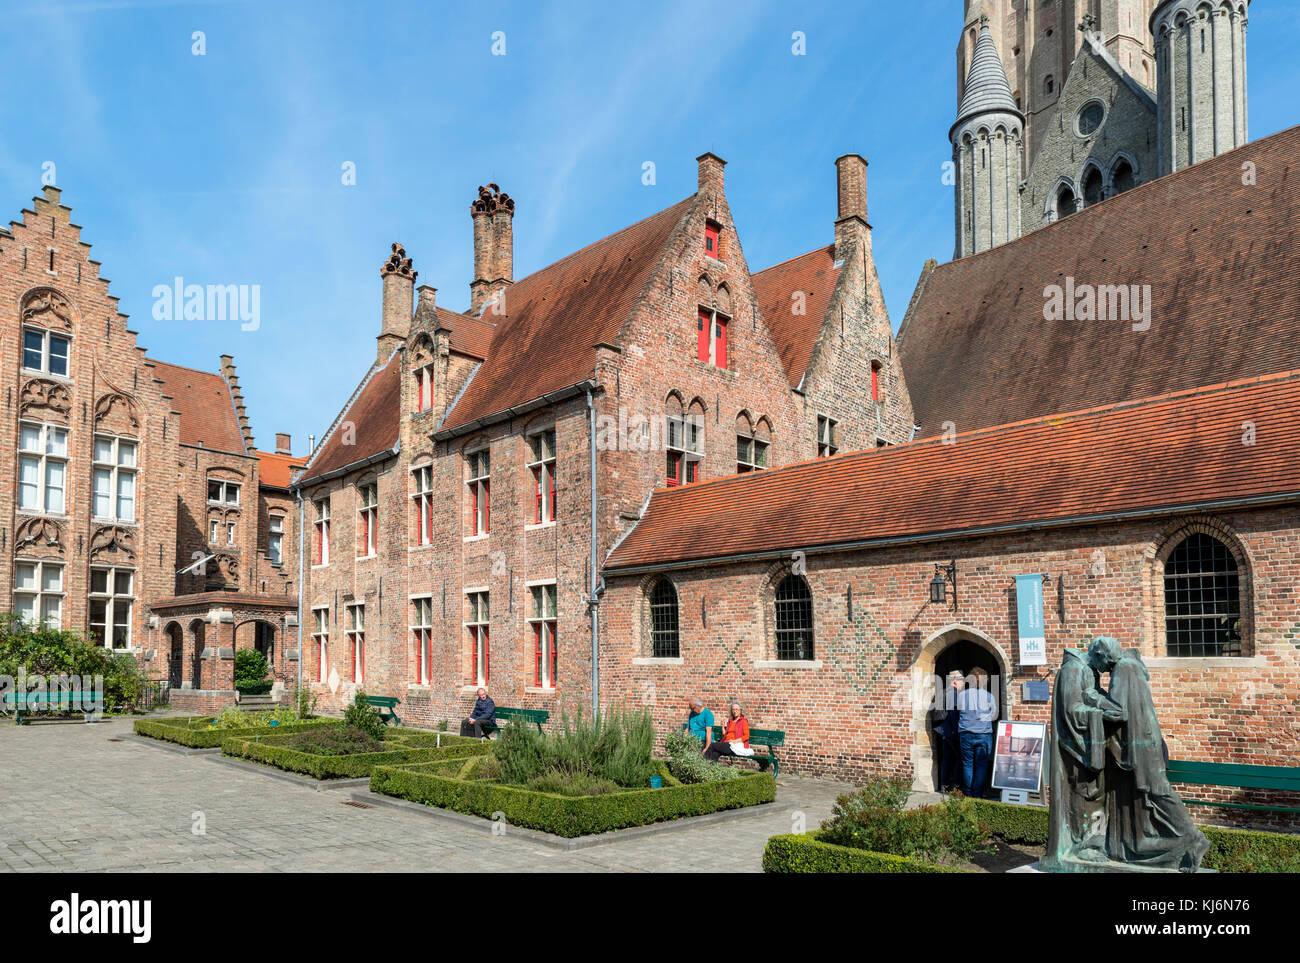 Old St John's Hospital (Oud Sint-Janshospitaal), Bruges (Brugge), Belgium - Stock Image